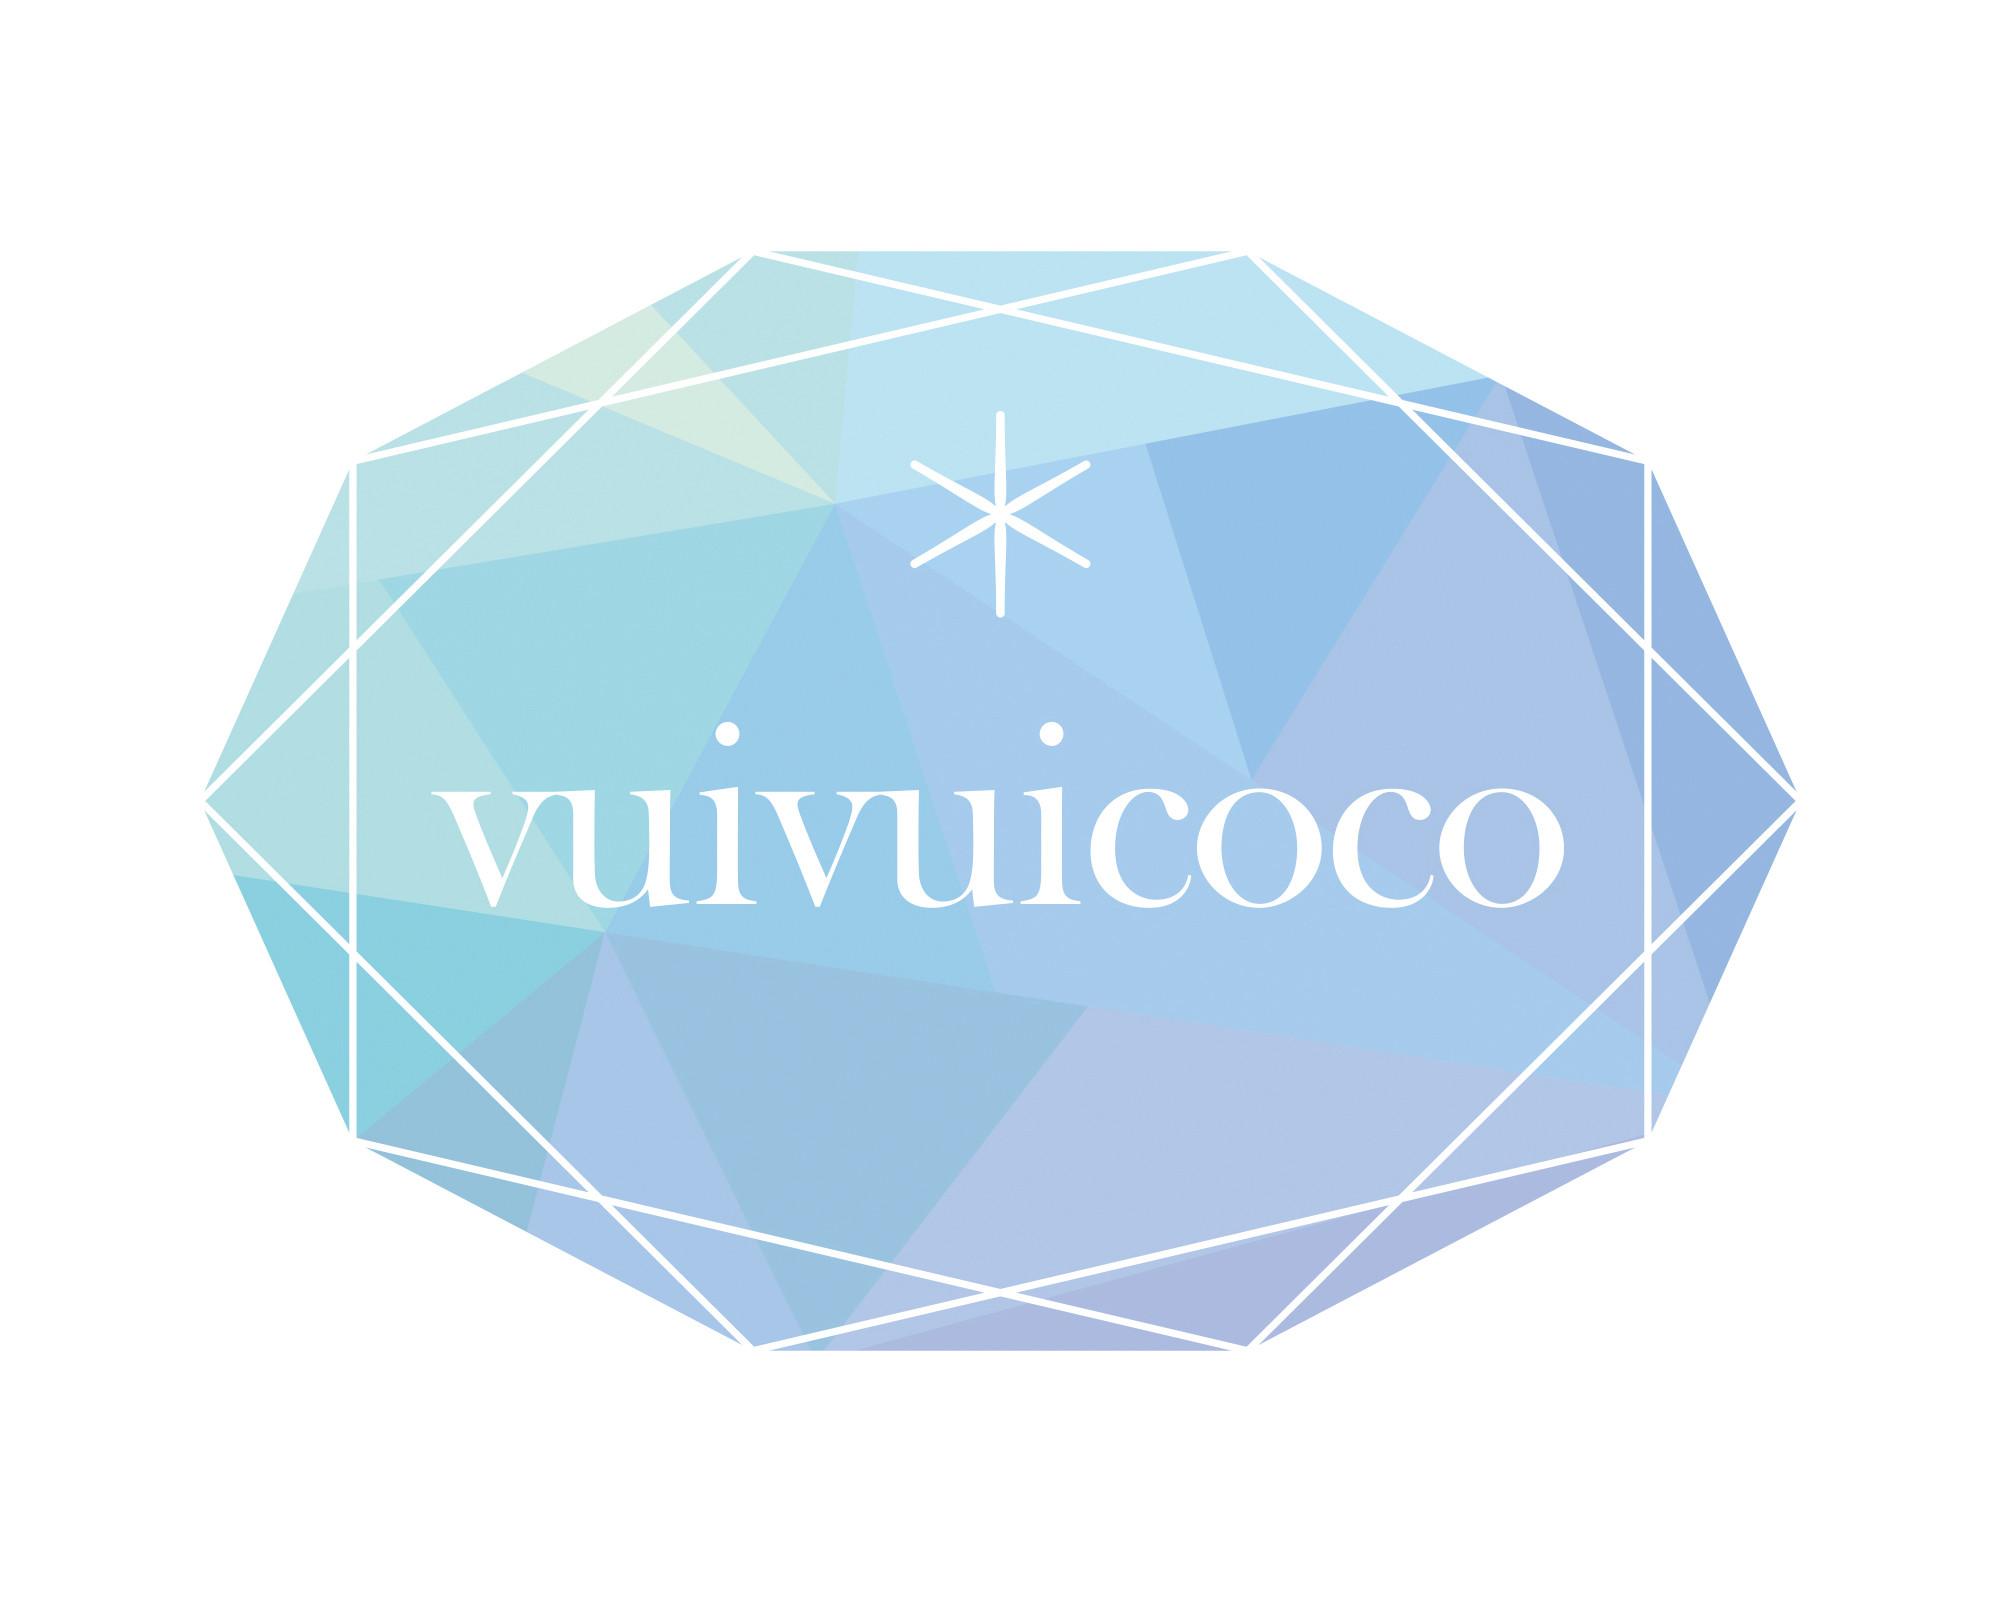 vuivuicoco(ヴィヴィココ)